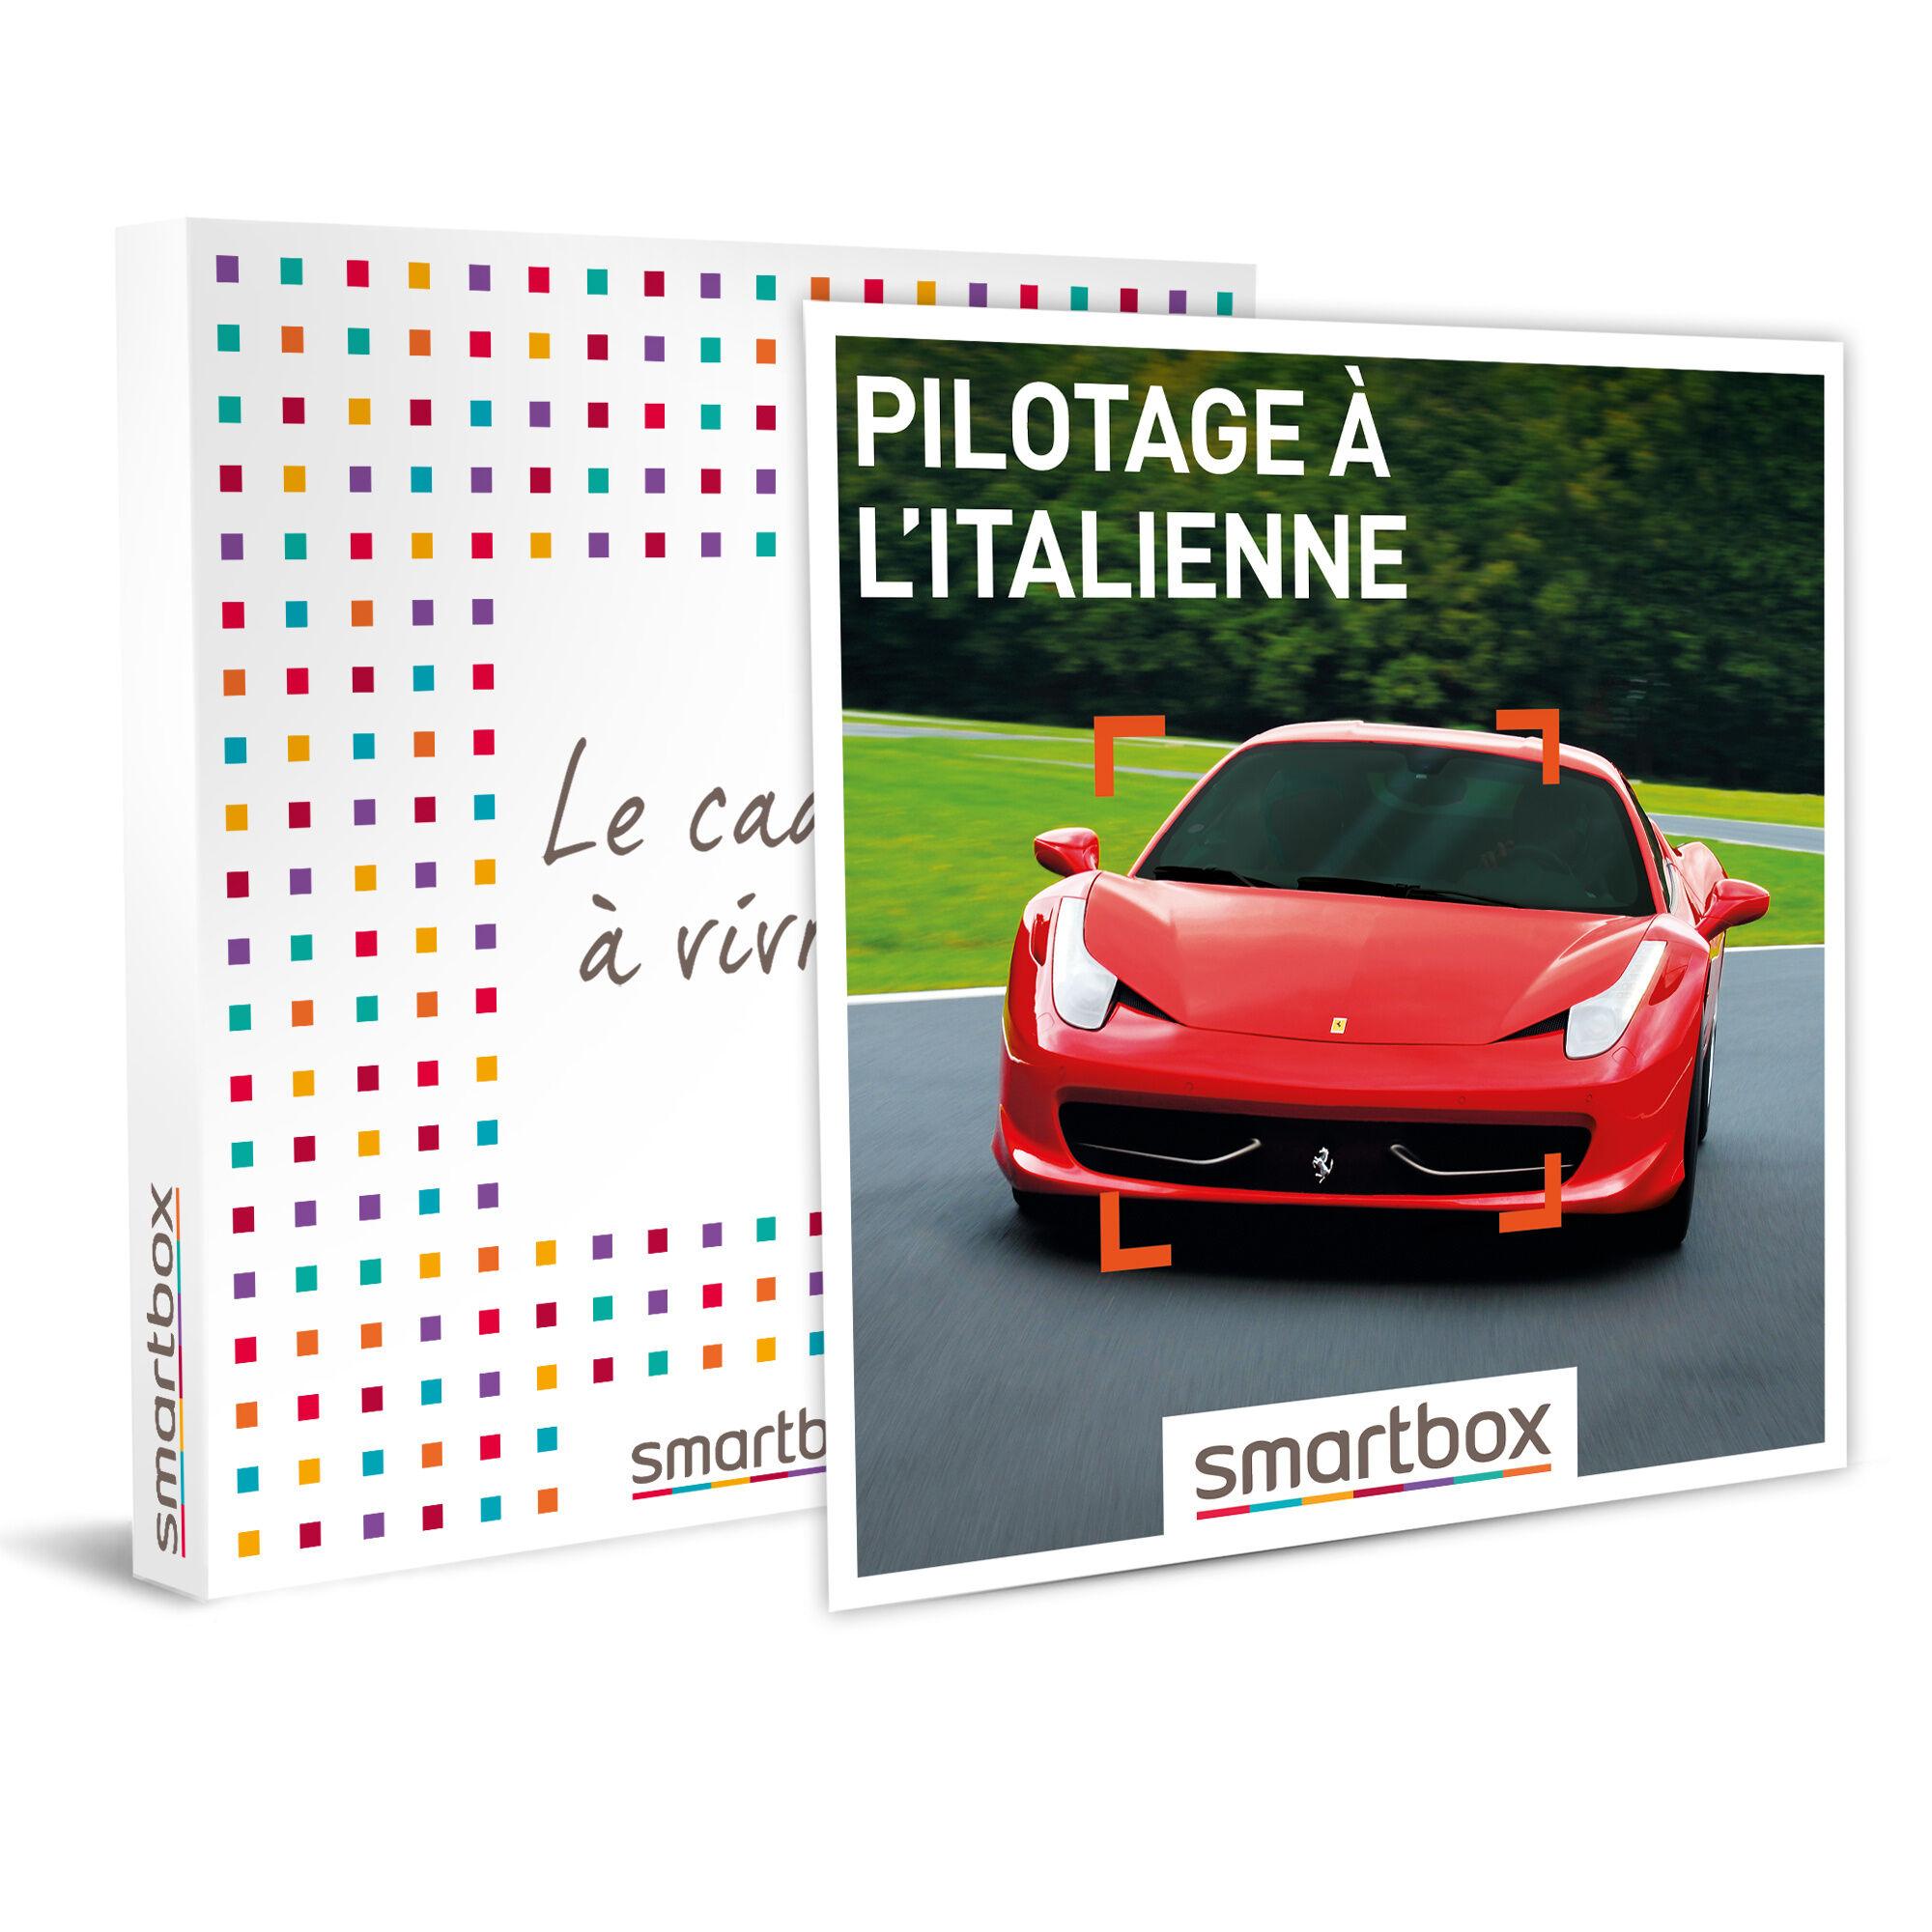 Smartbox Pilotage à l'italienne Coffret cadeau Smartbox